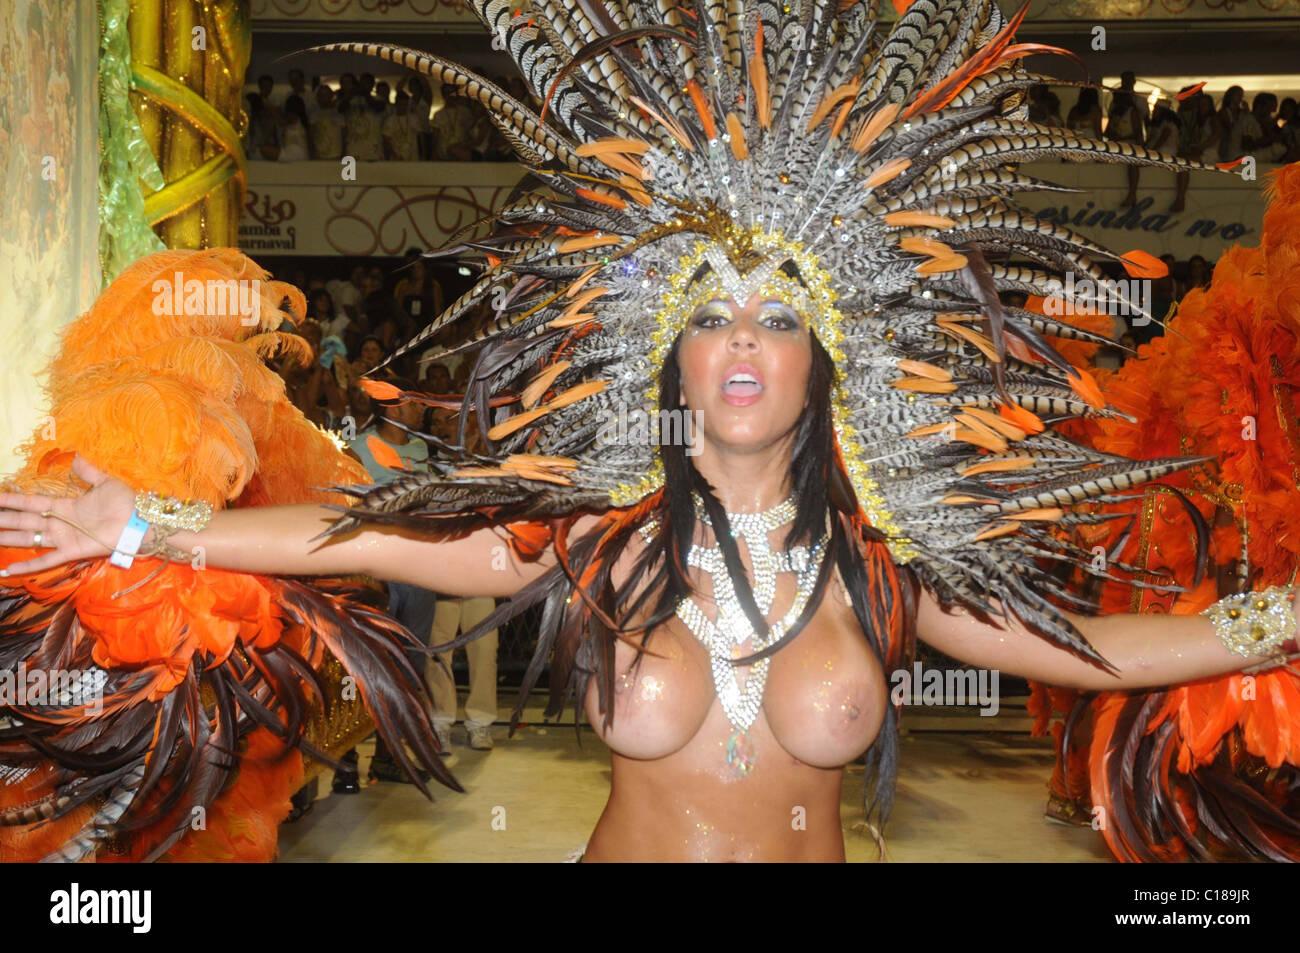 rio carnival sex video